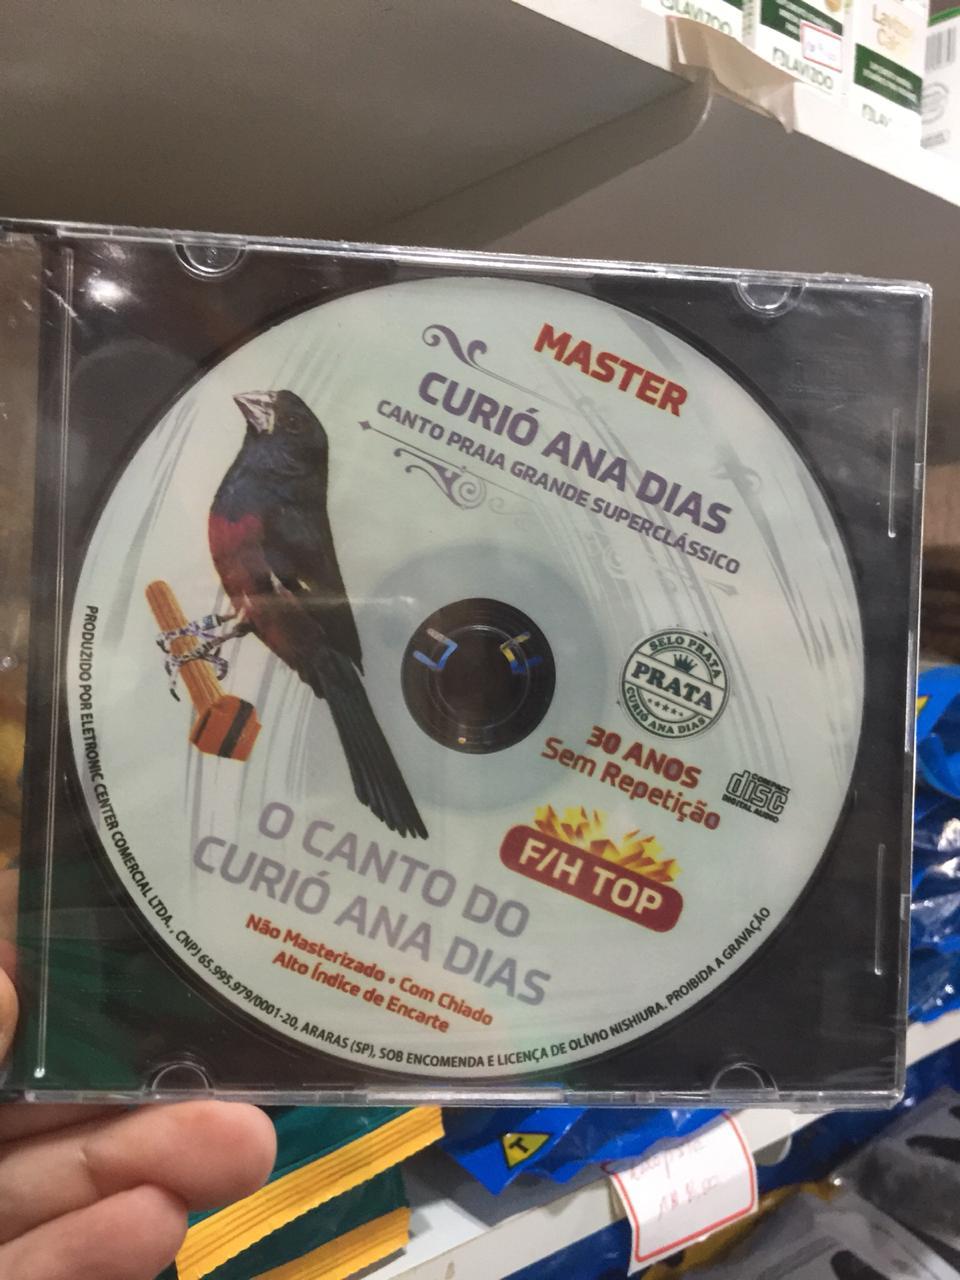 LANCAMENTO CD SELO PRATA FH 30 ANOS TOP SEM REPETICAO